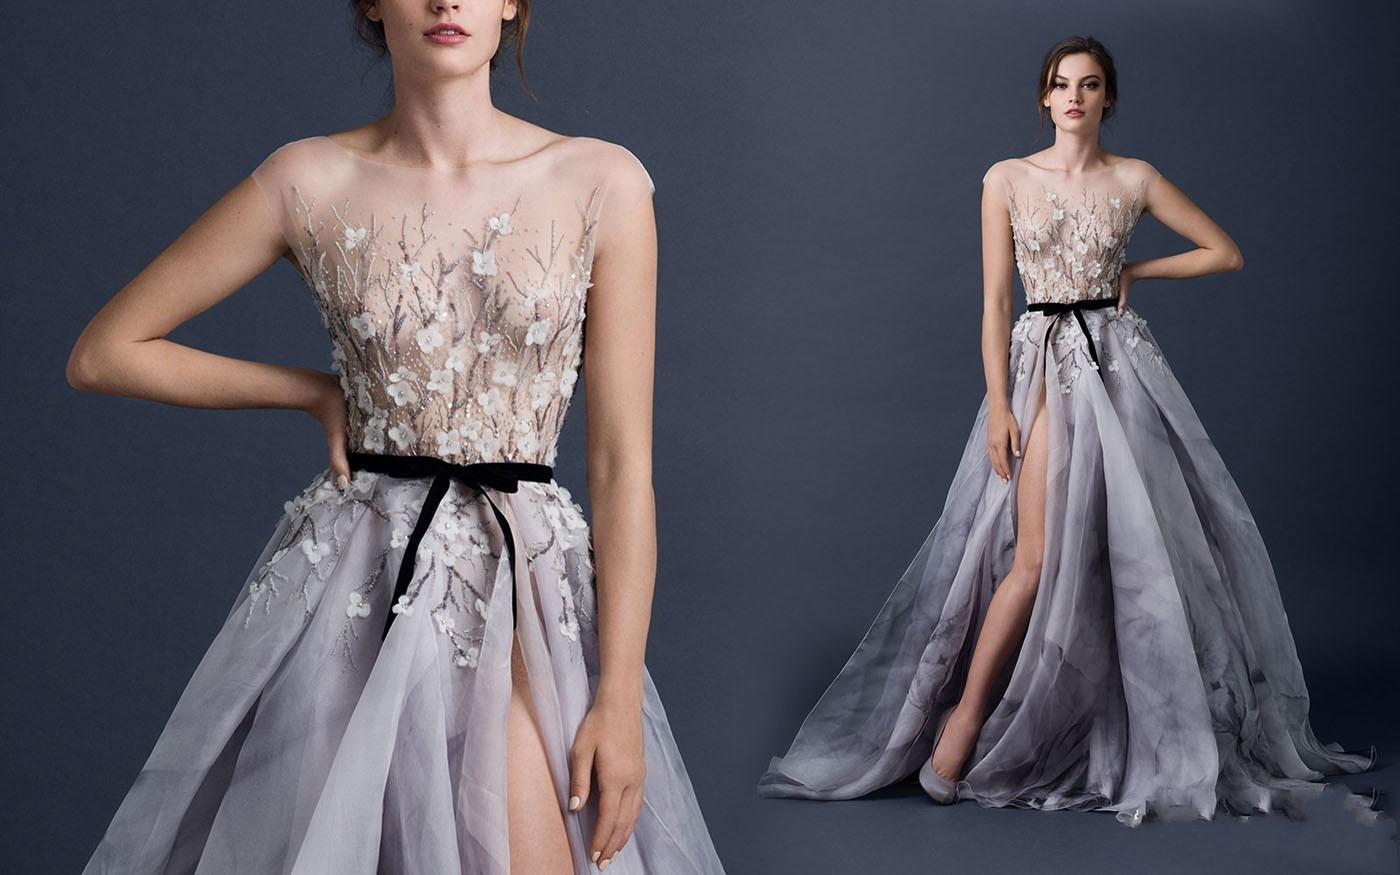 Romantyczny Sheer Aplikacja Cekina Bling Suknie Wieczorowe 2015 Załoga Hollow Powrót Linia Długość Podłoga Side Split Związany Sash Bow Fioletowa Suknia Wieczorowa